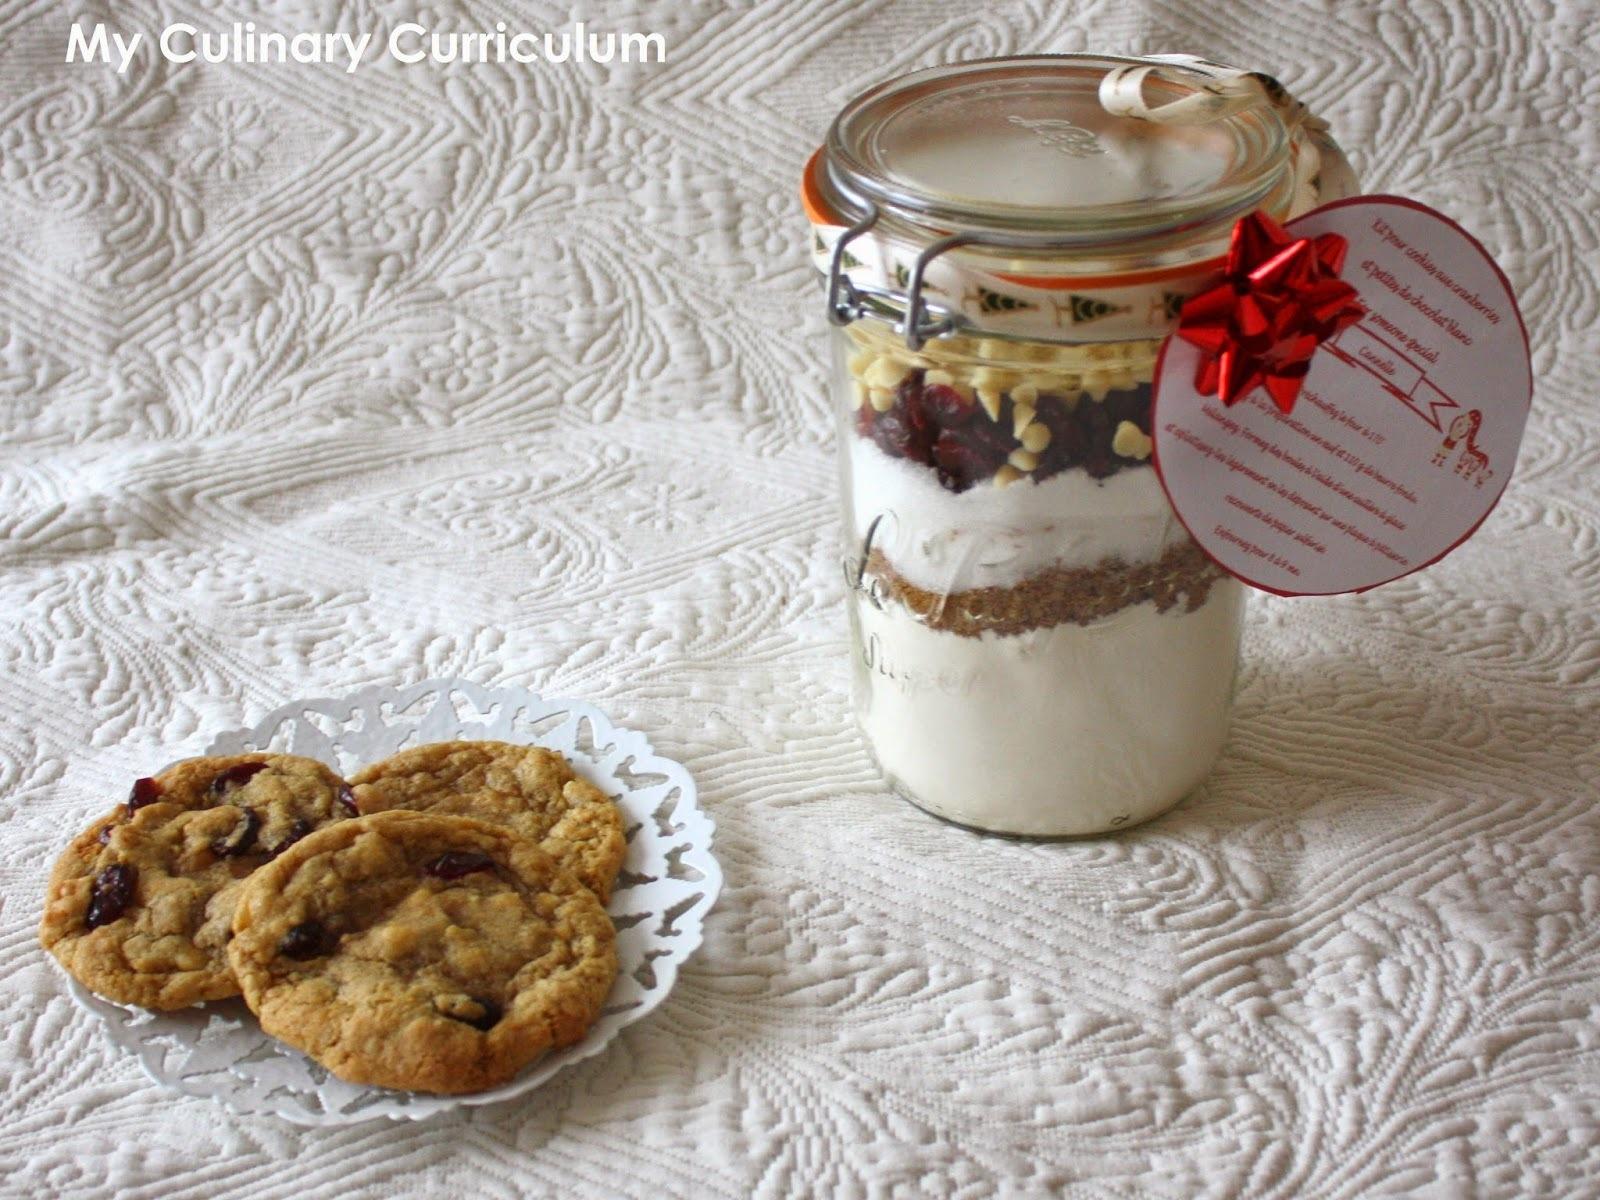 Kit cookies cranberries et pépites de chocolat blanc (cadeau gourmand)  Kit cookies cranberries and white chocolate chips (gourmet gift)